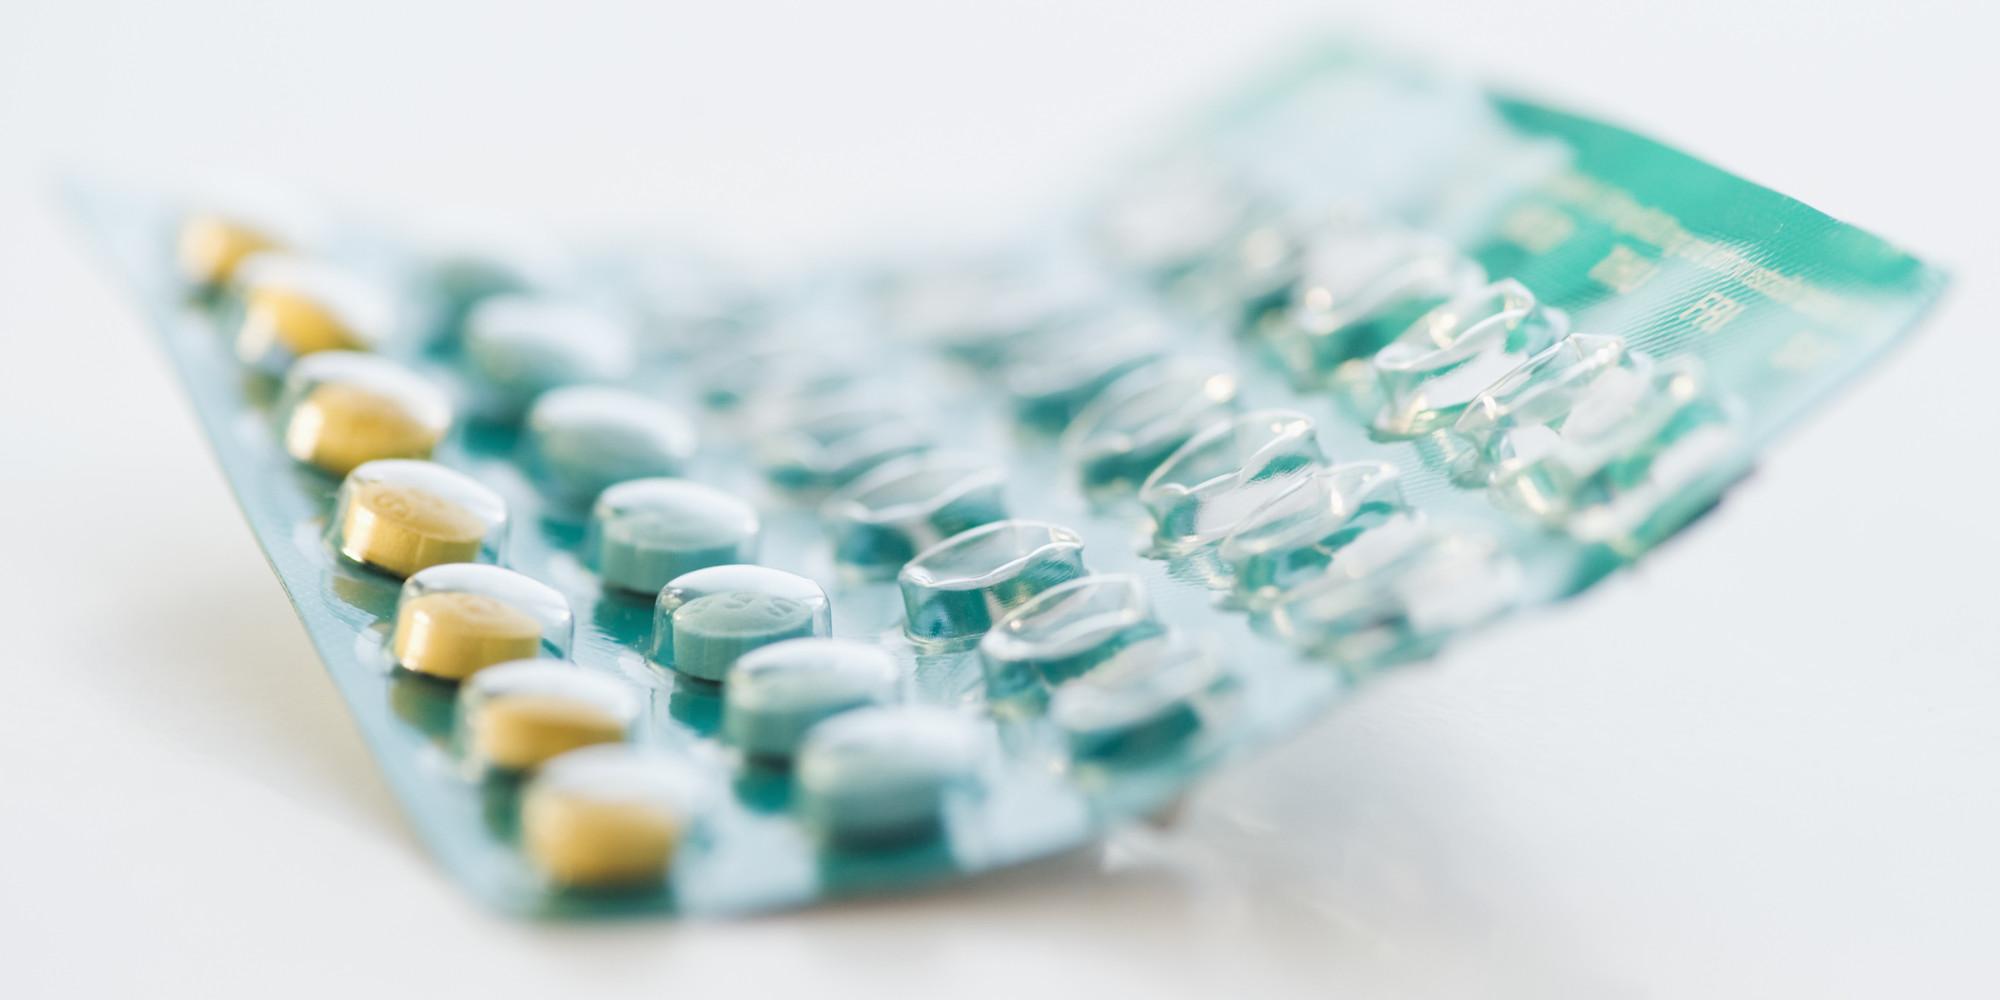 Male contraceptive